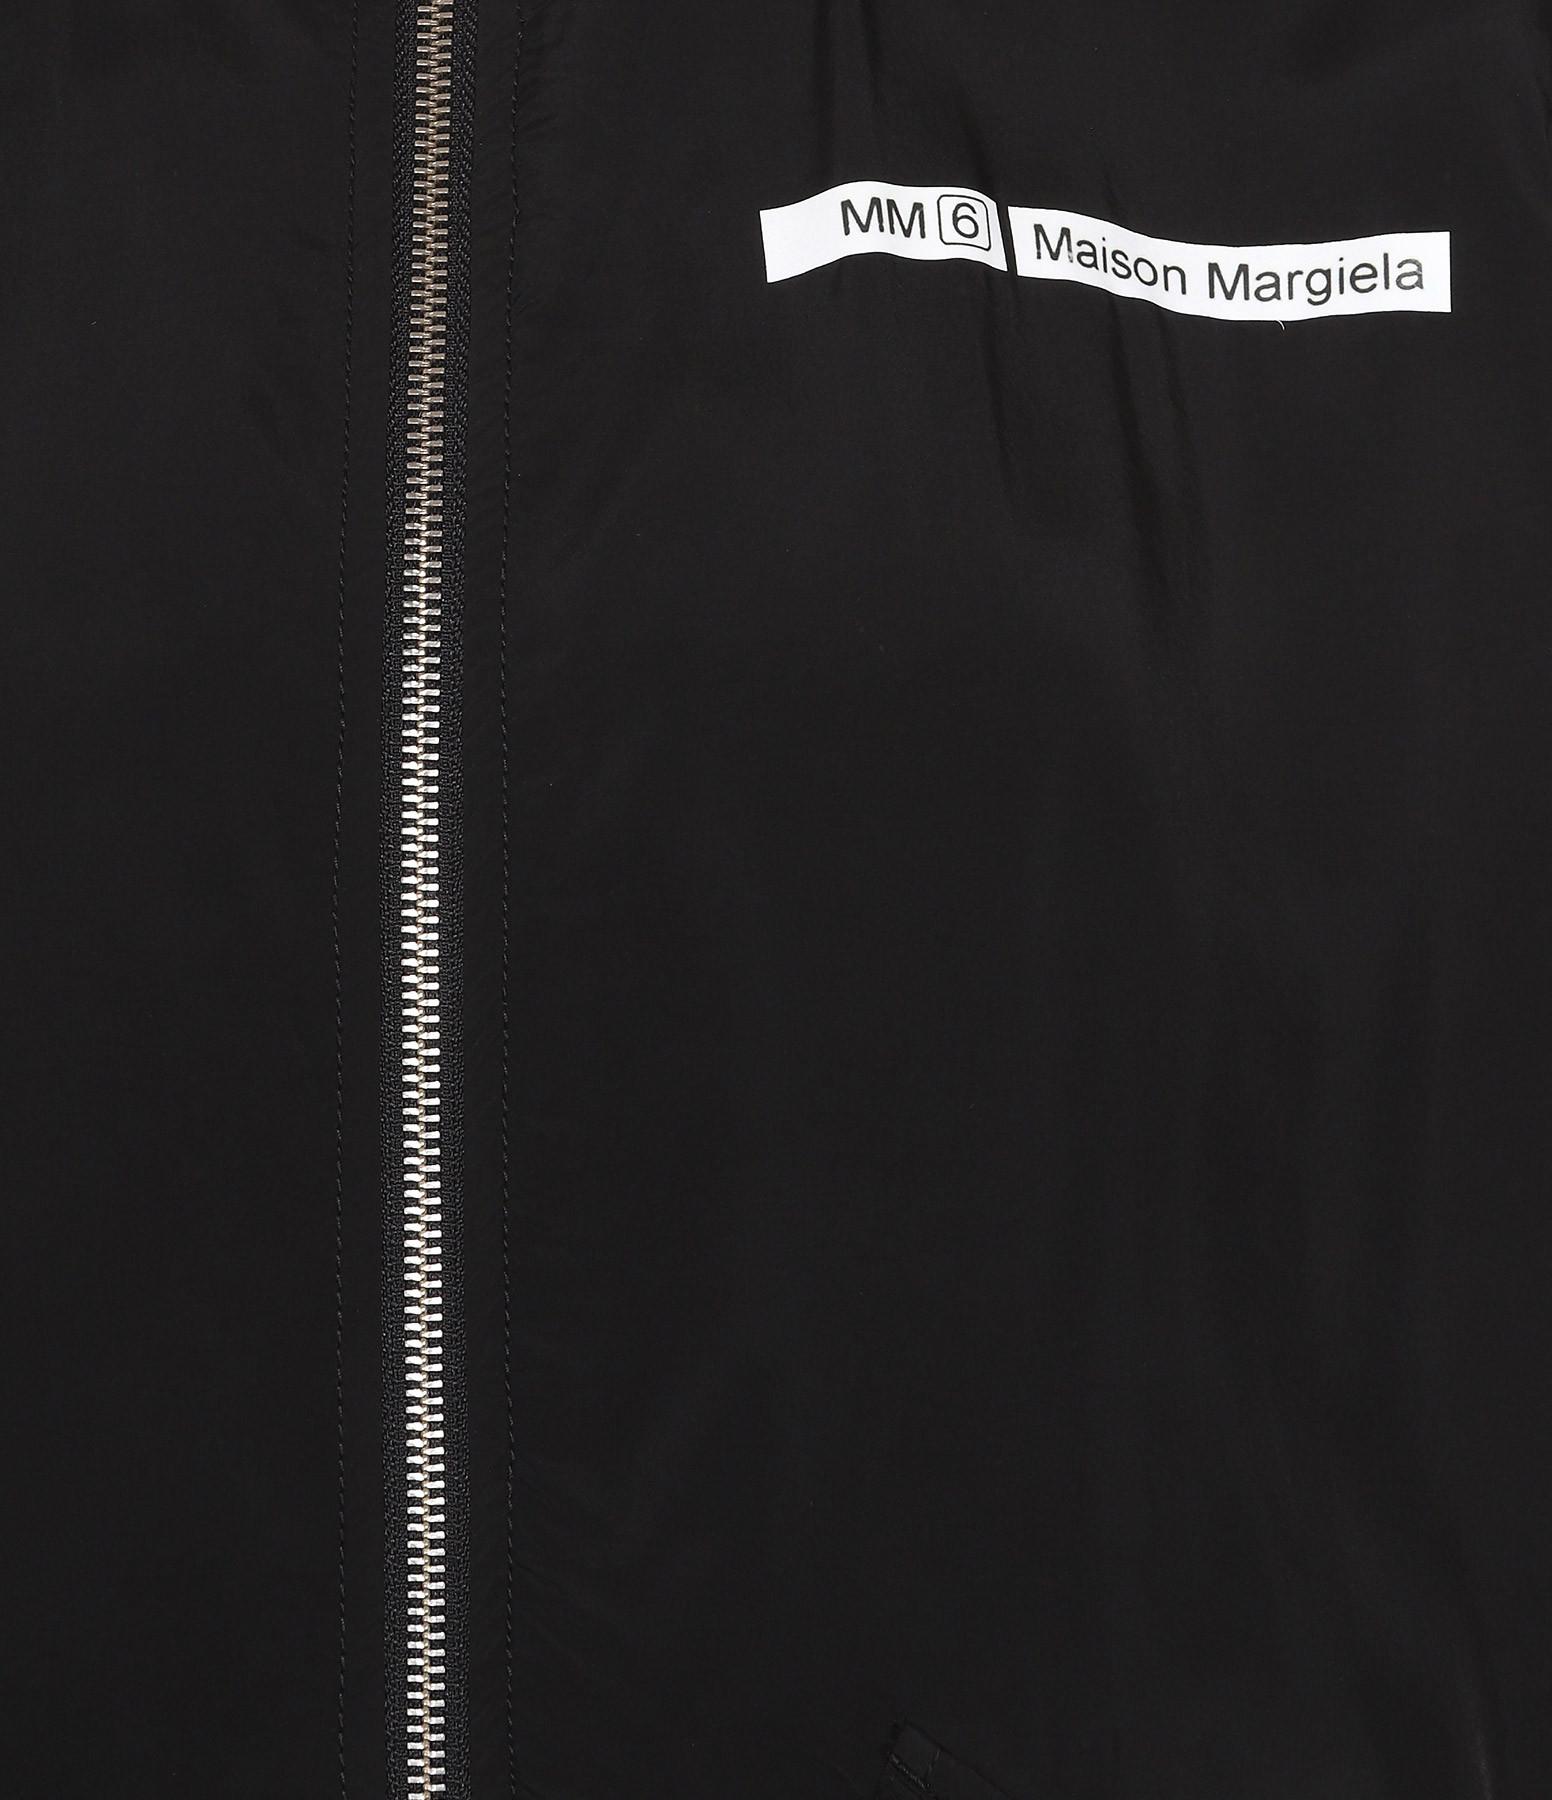 MM6 MAISON MARGIELA - Veste Imprimé Noir